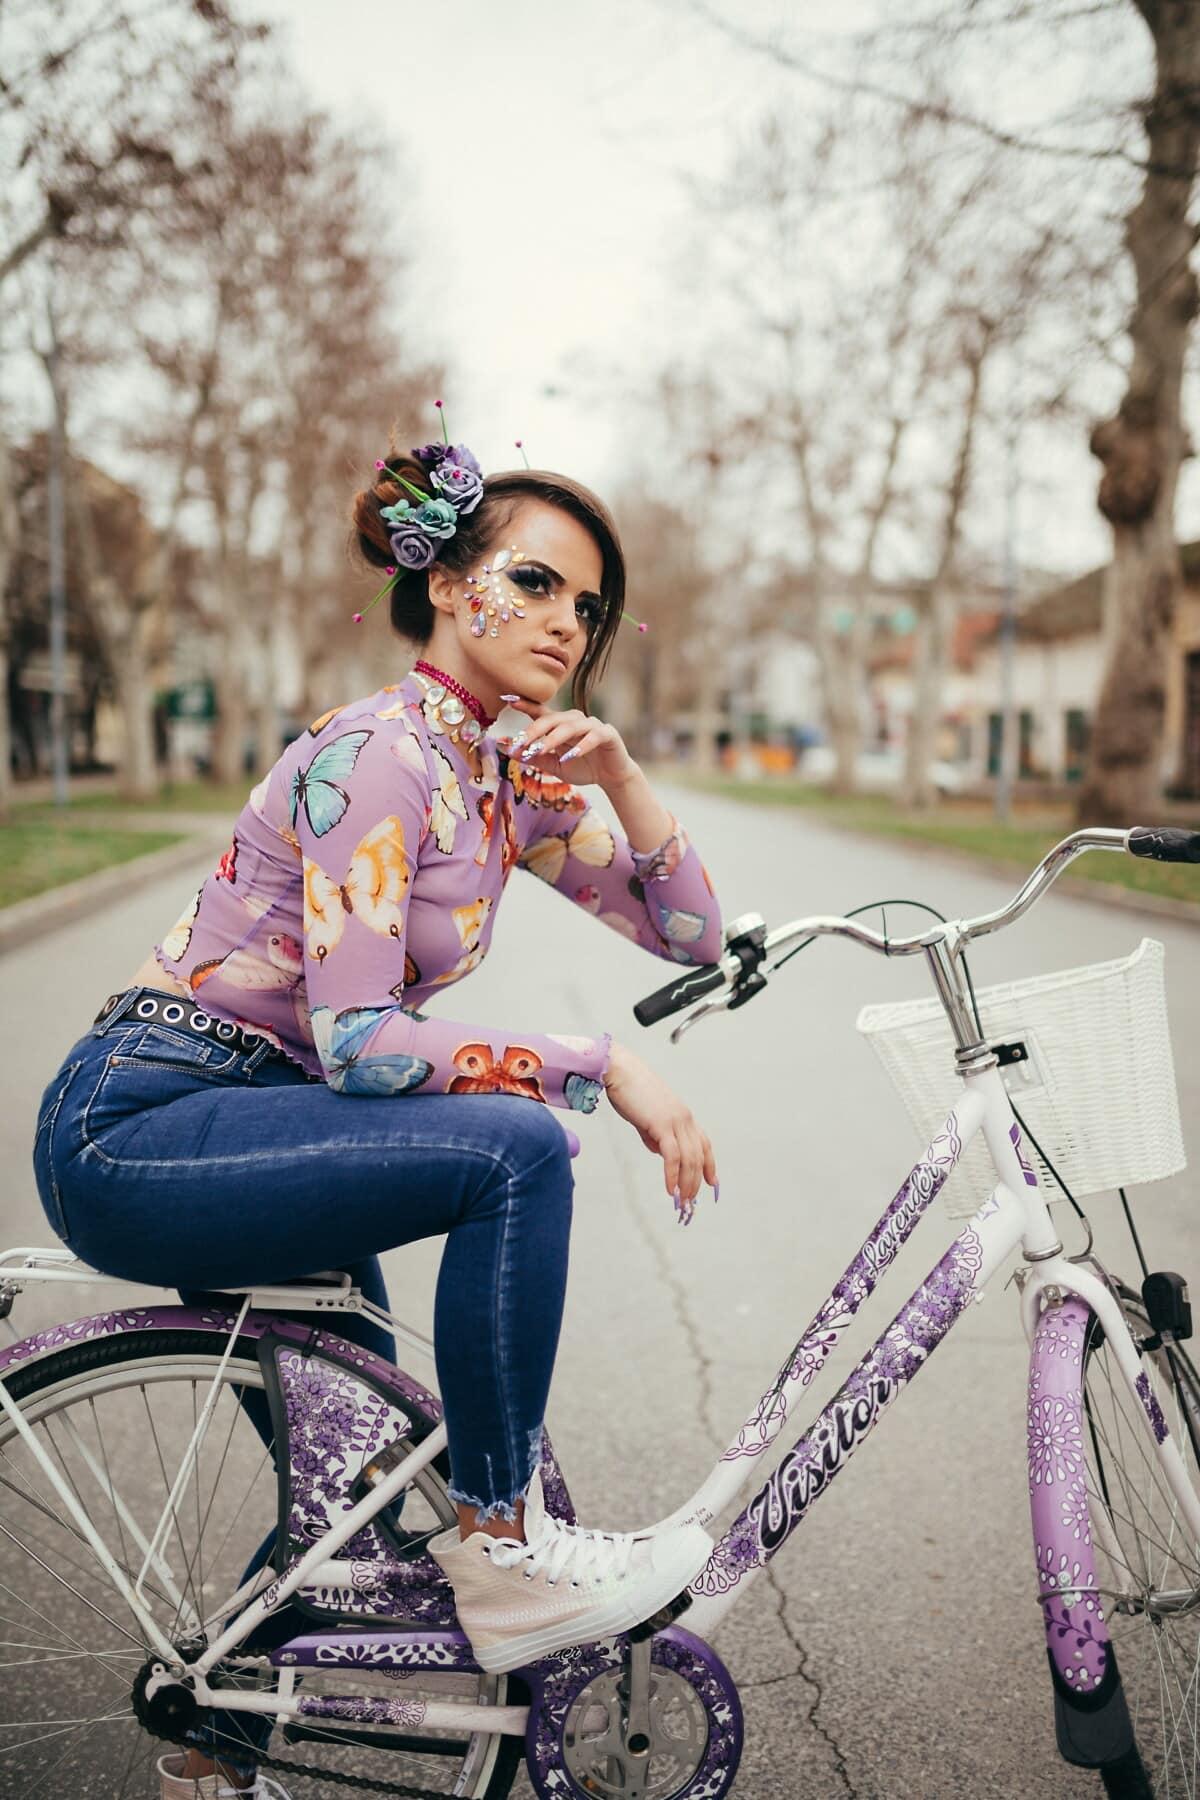 hübsches mädchen, Fahrrad, Glanz, Lust auf, posiert, Kosmetik, Frisur, Outfit, Straße, Mädchen